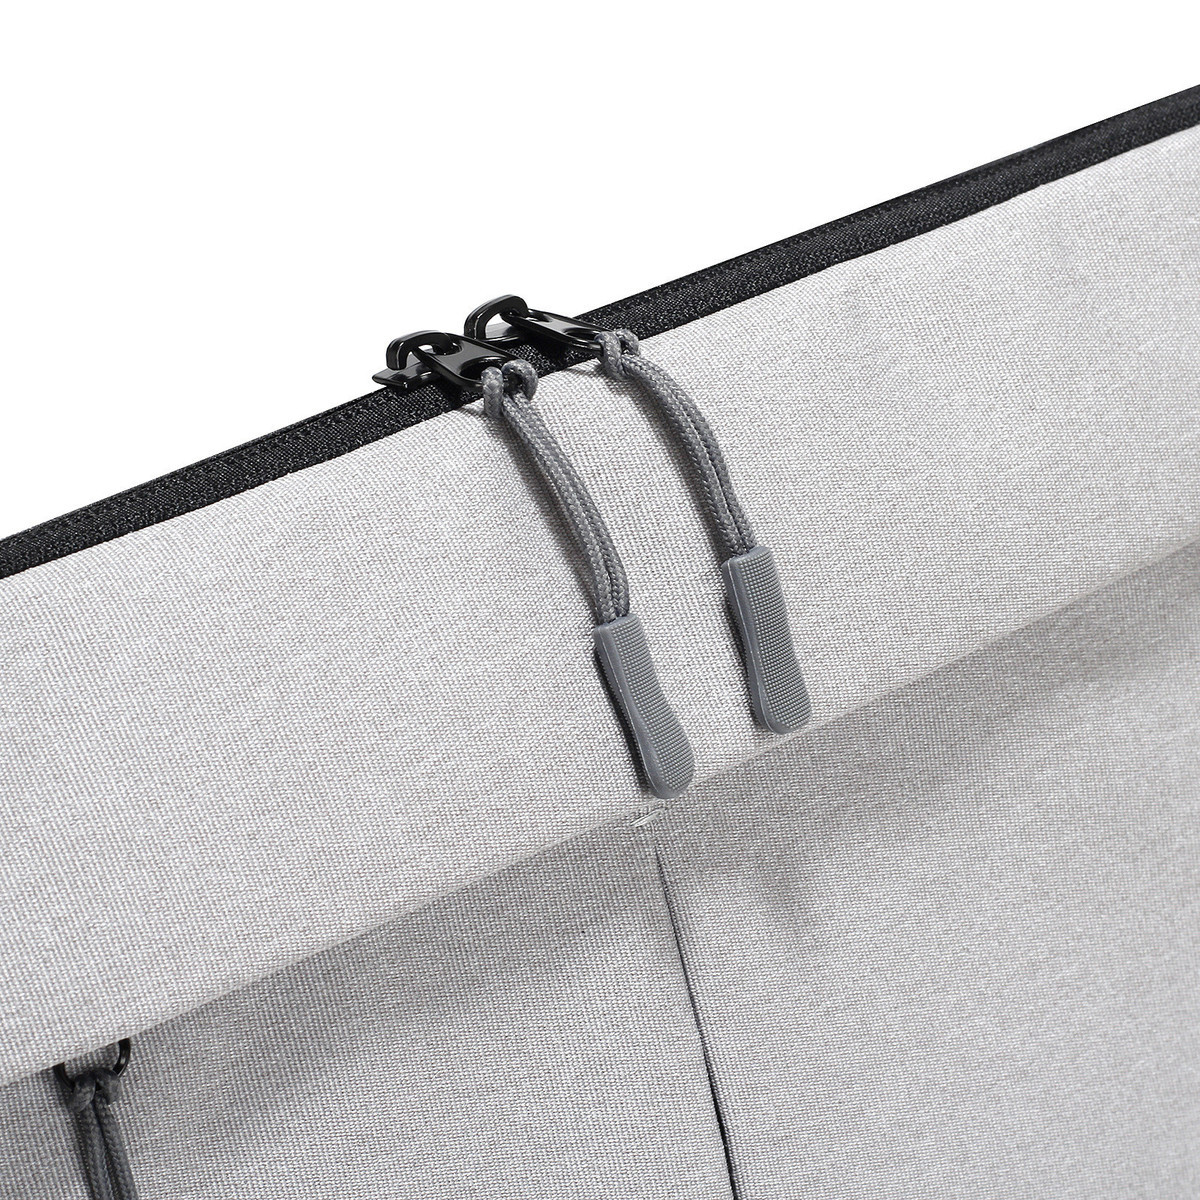 Gmilli Nylone Unisex Business Laptop Sleeve Bag Notebook Case Pouch - Նոթբուքի պարագաներ - Լուսանկար 4